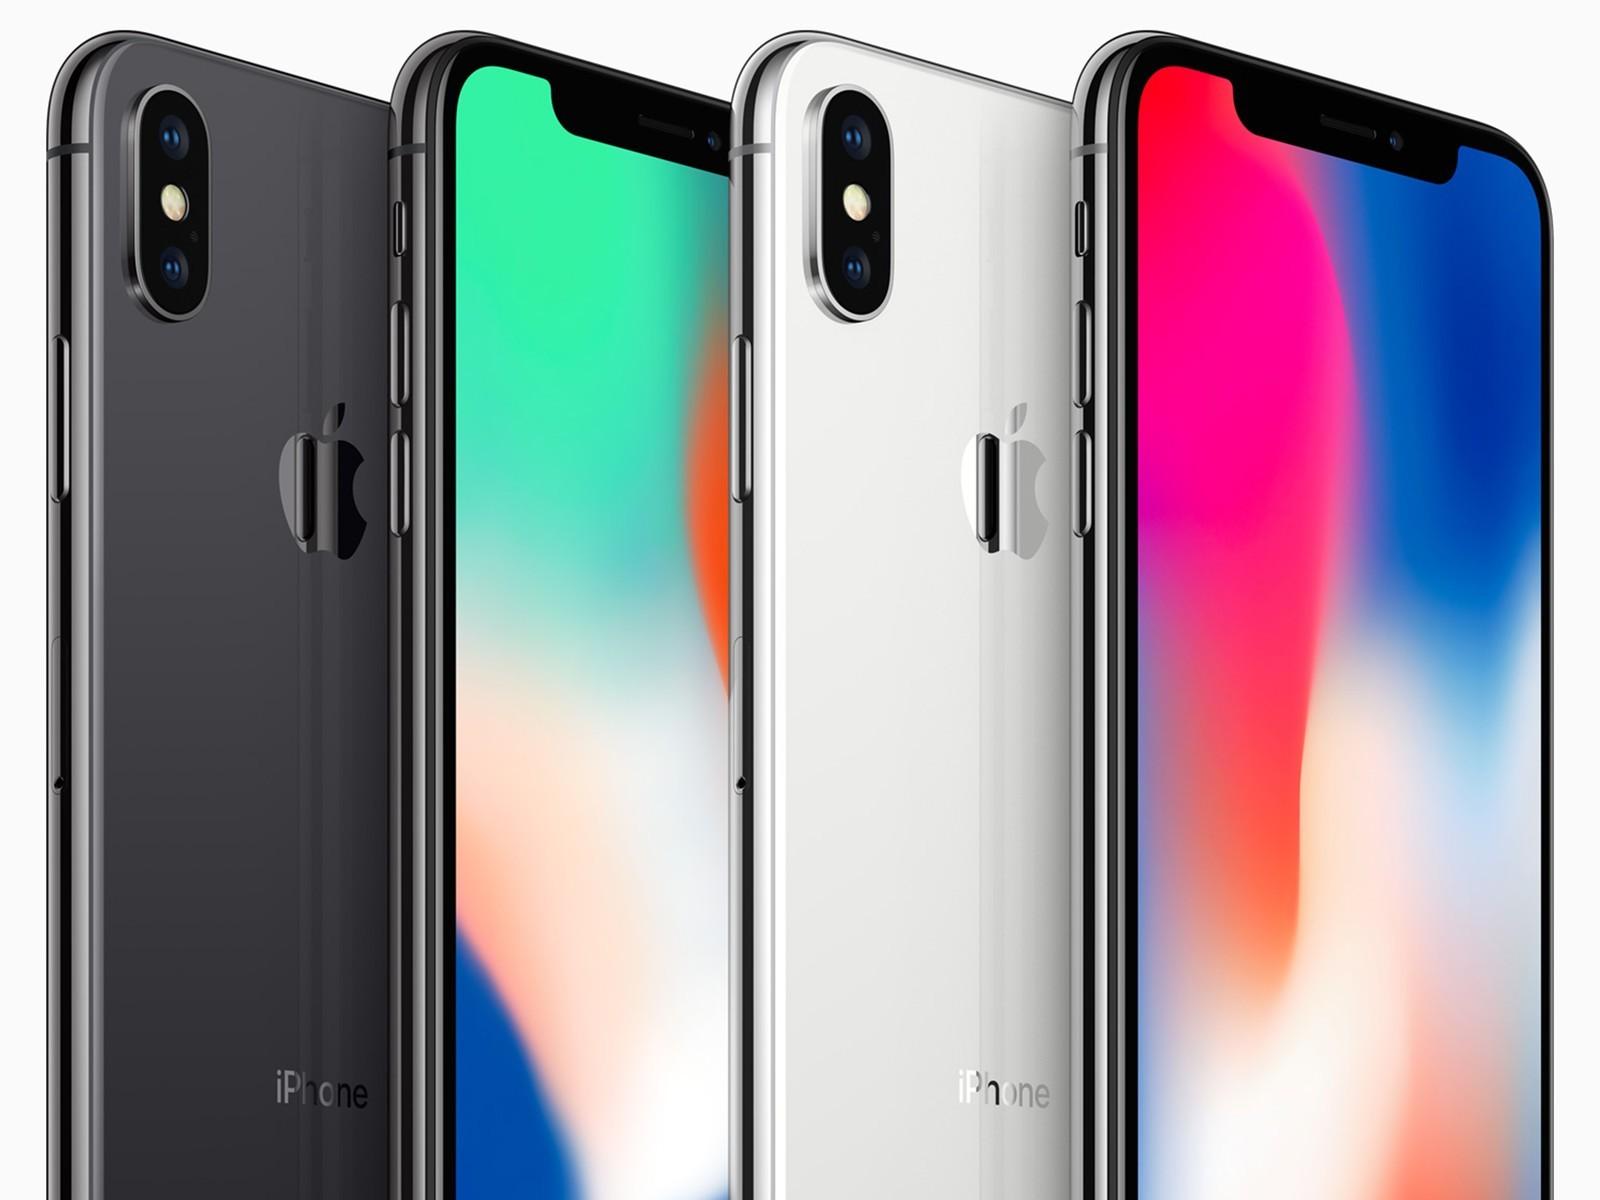 Le retour à un dos en métal coloré — Prochain iPhone